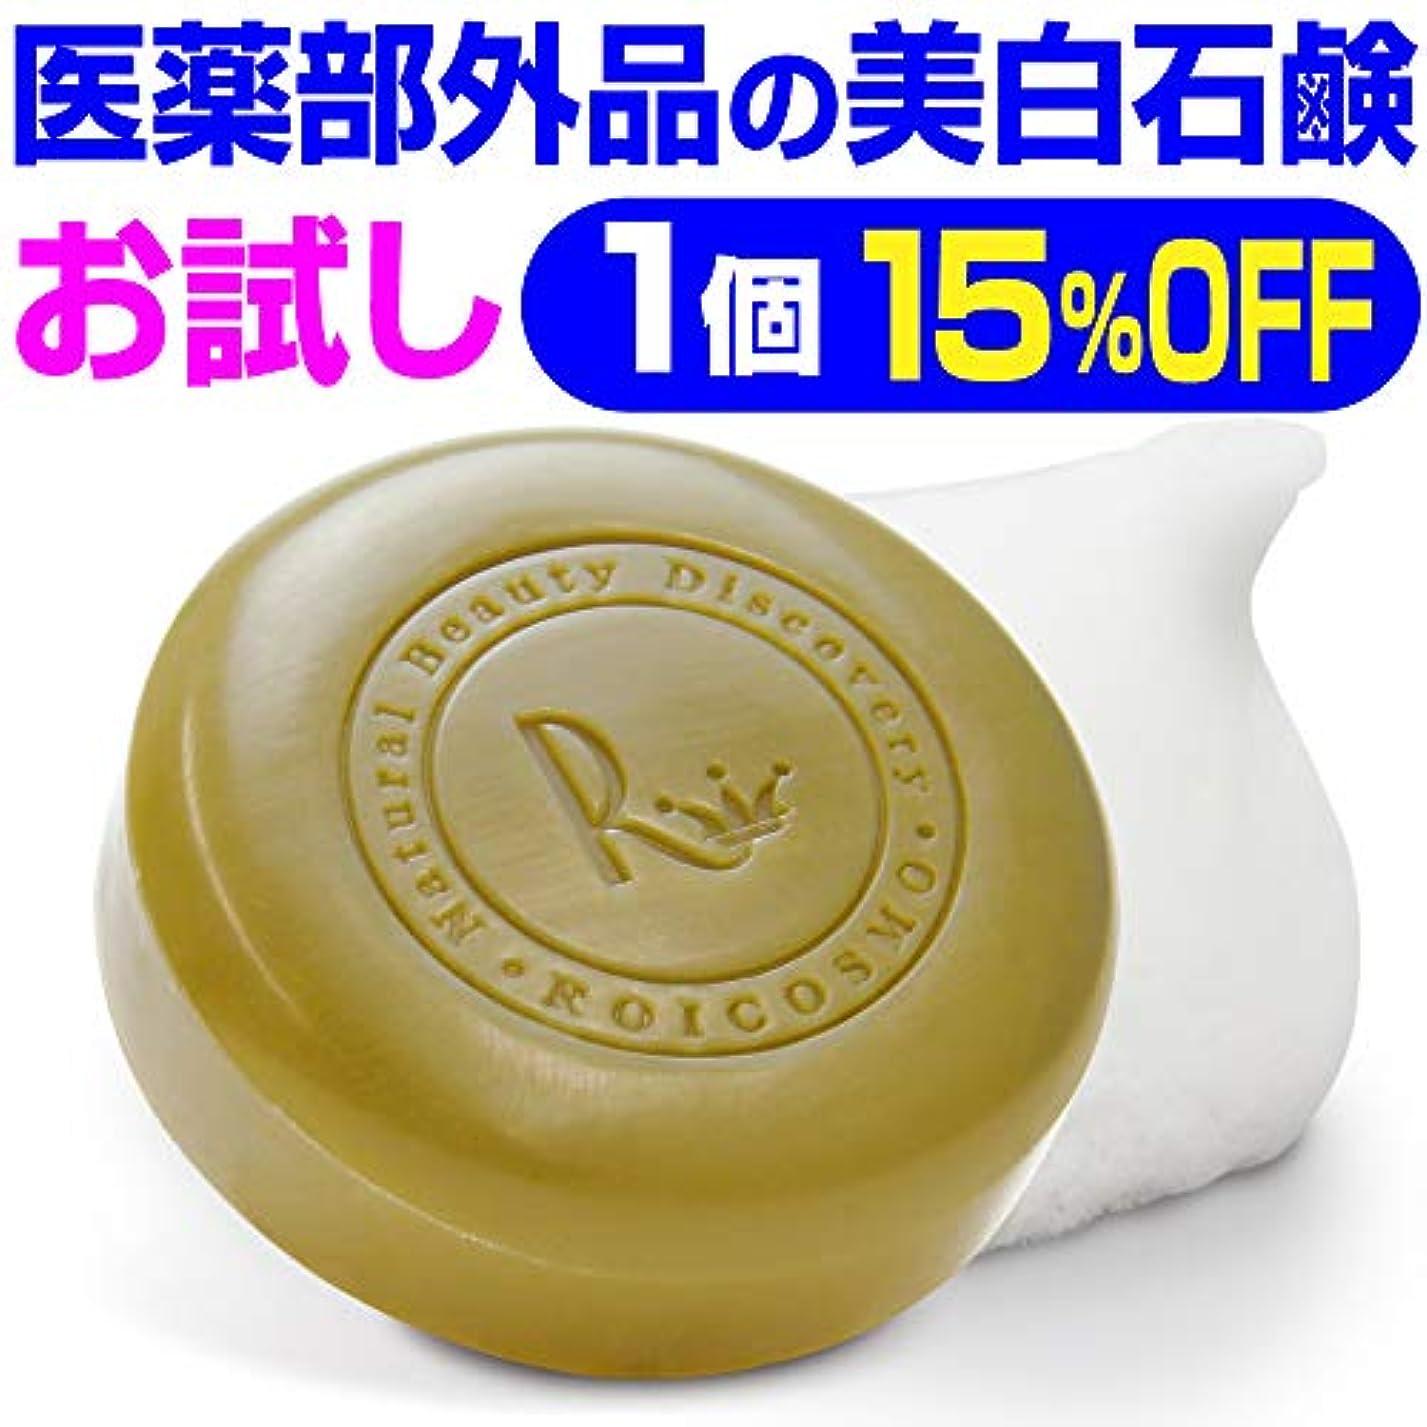 グローバルスタジオ北お試し15%OFF ビタミンC270倍の美白成分配合の 洗顔石鹸 固形『ホワイトソープ100g×1個』(初回限定)